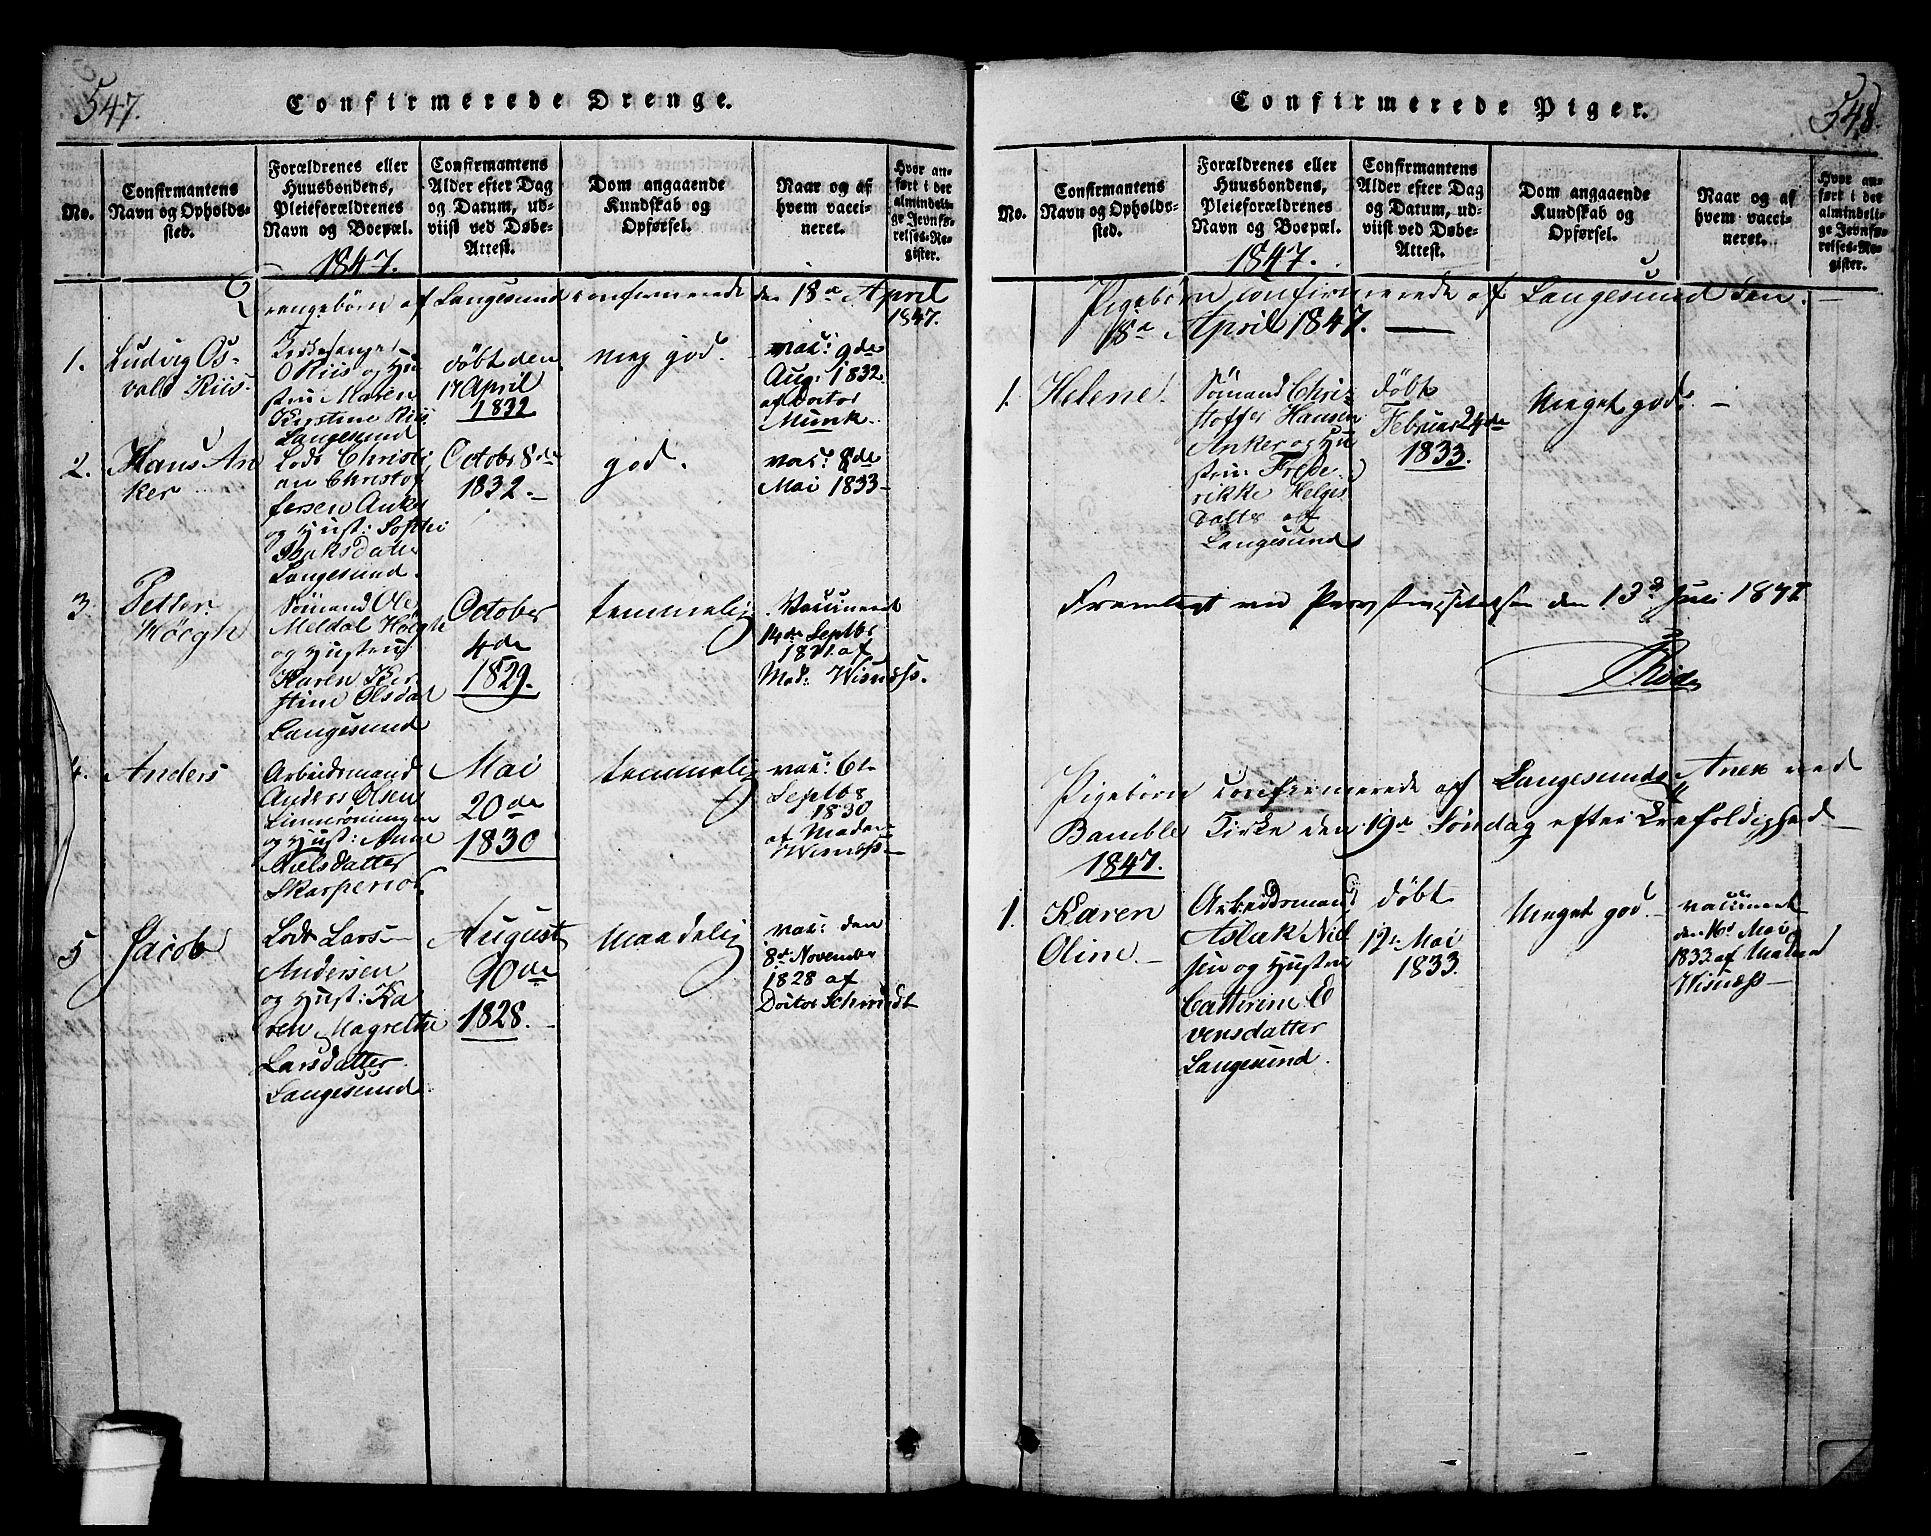 SAKO, Langesund kirkebøker, G/Ga/L0003: Klokkerbok nr. 3, 1815-1858, s. 547-548